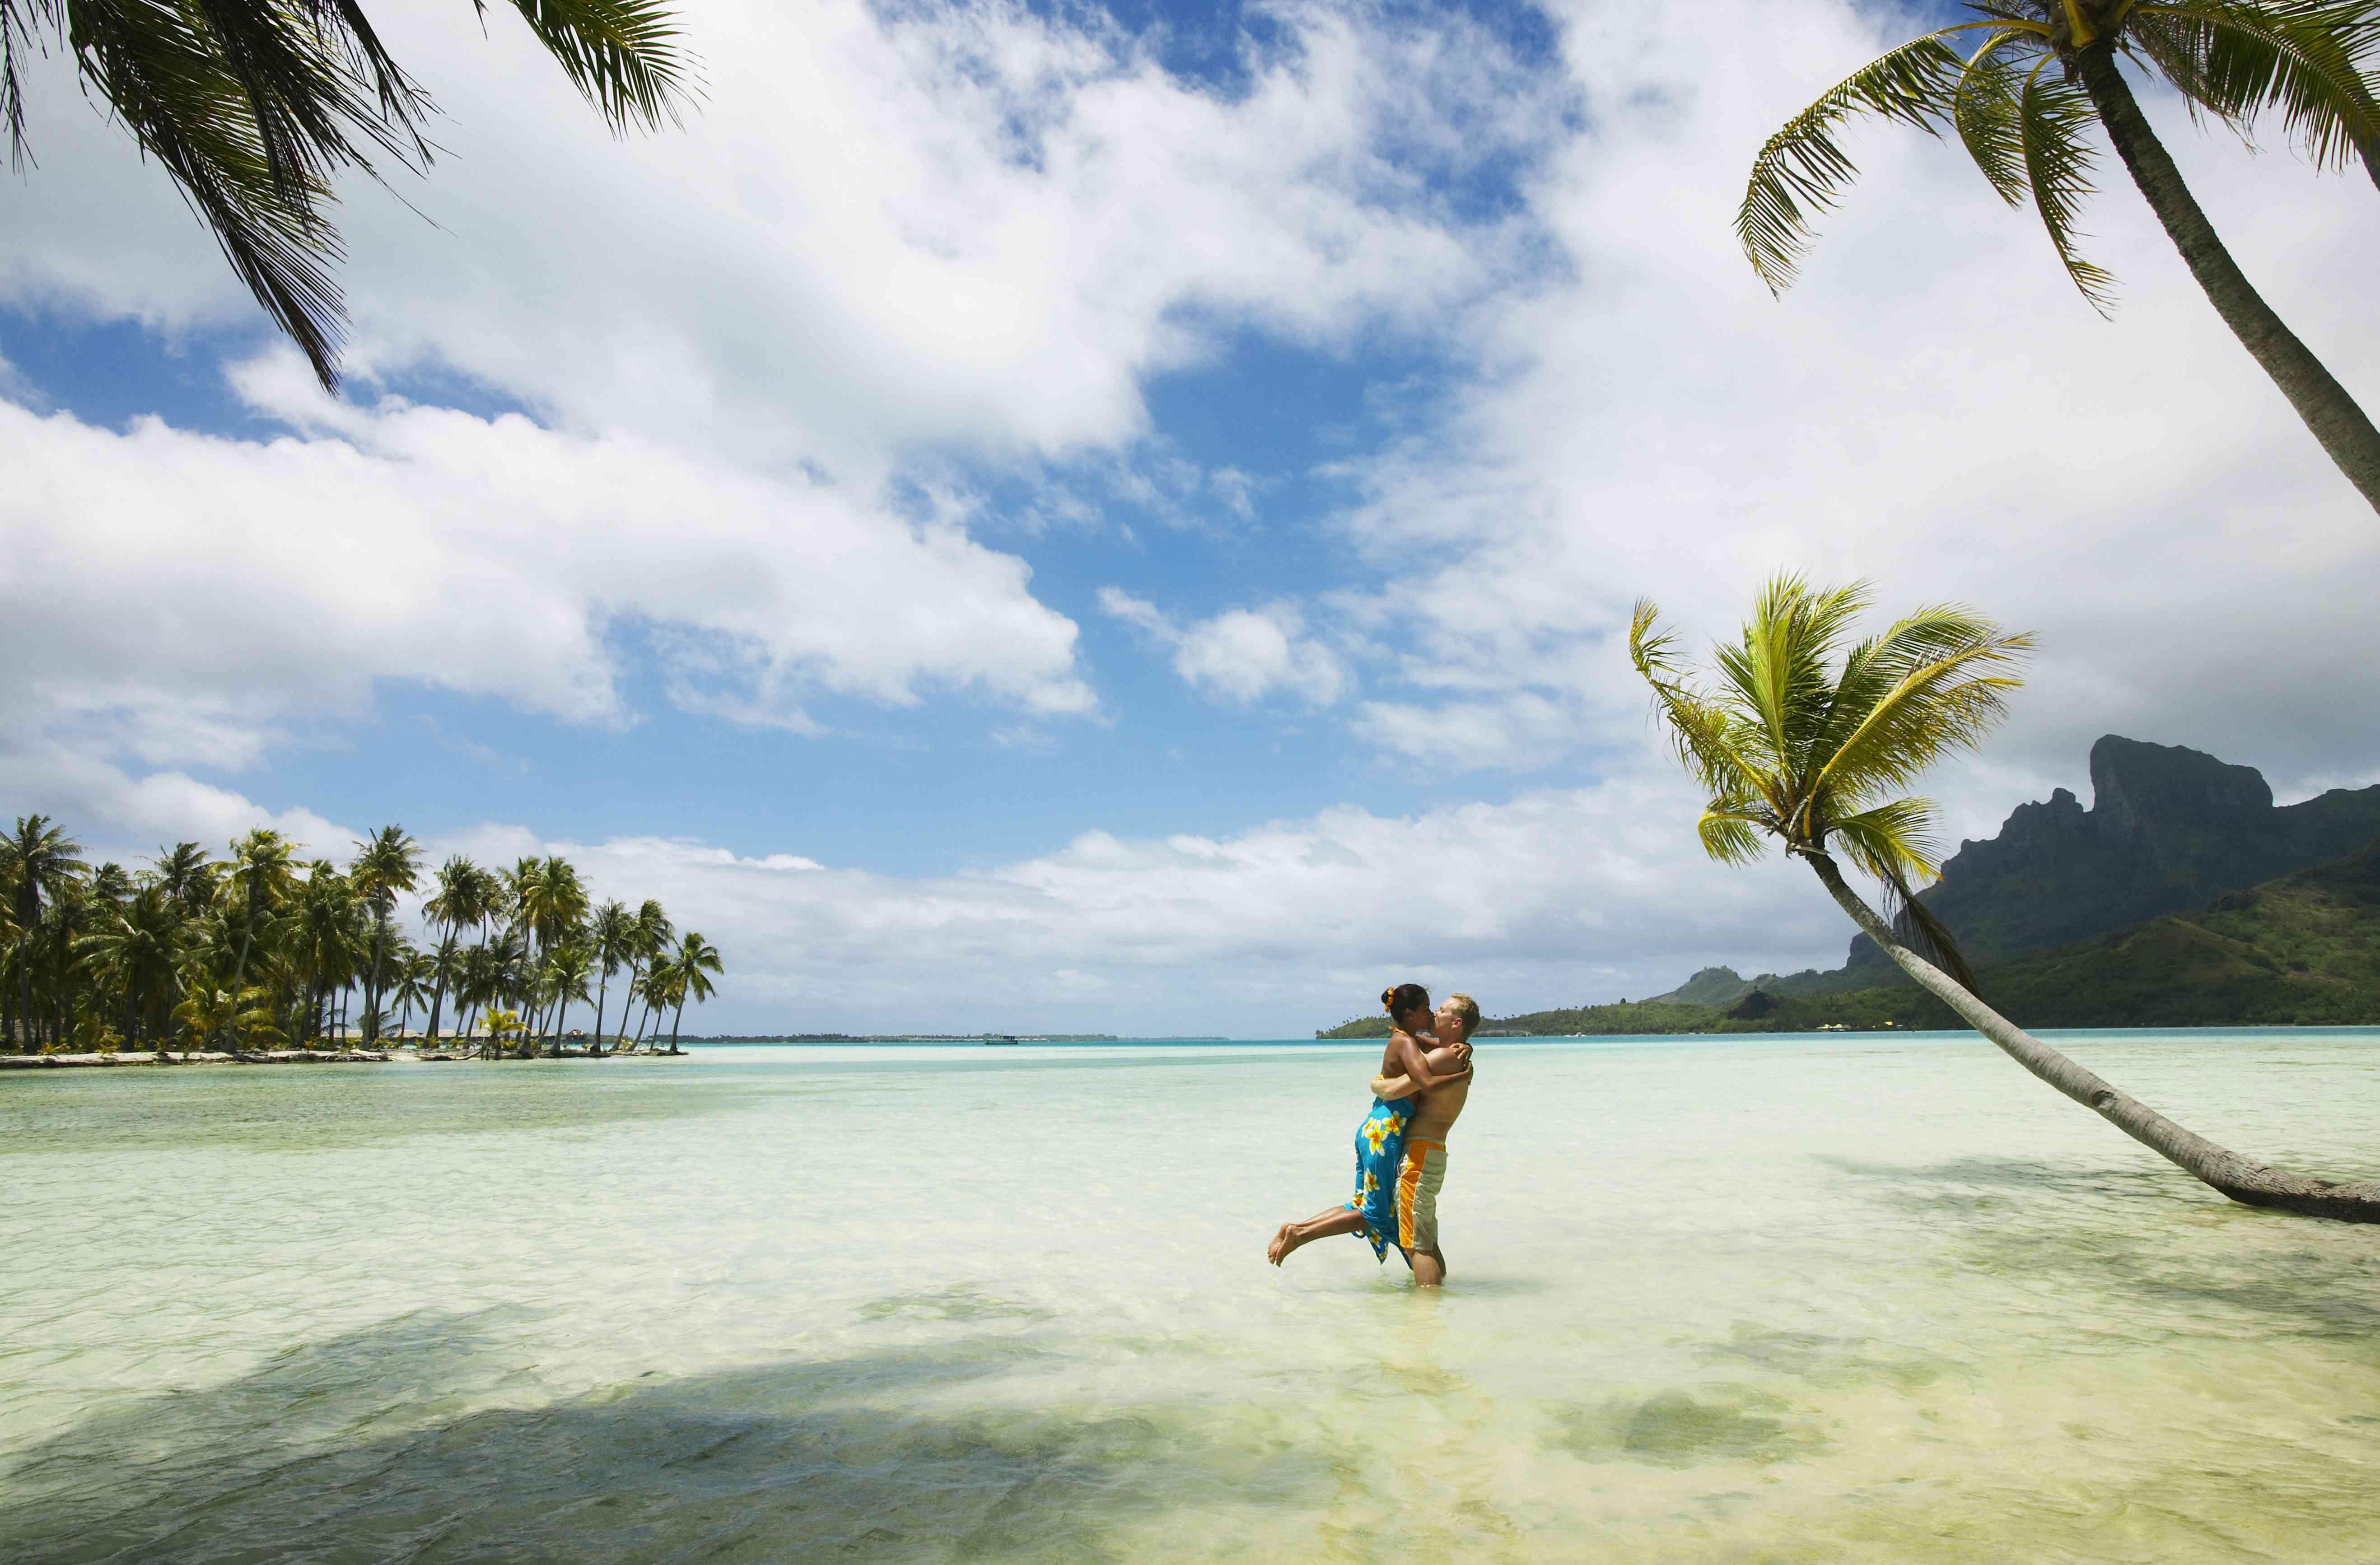 A couple kissing in Bora Bora, French Polynesia.